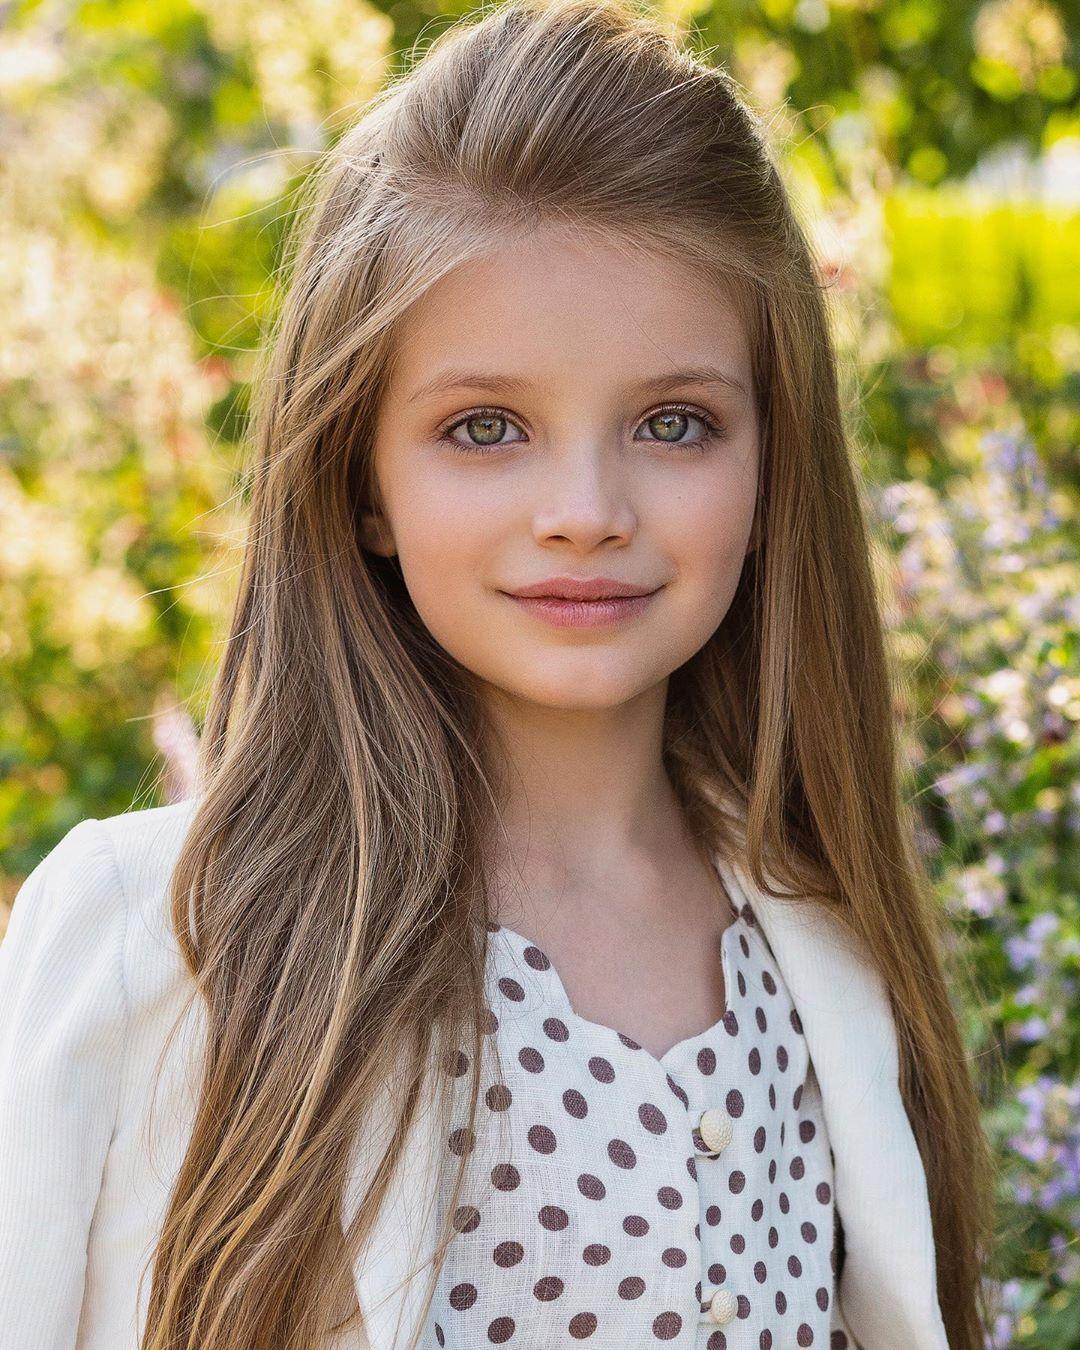 دختر بچه خوشگل خارجی